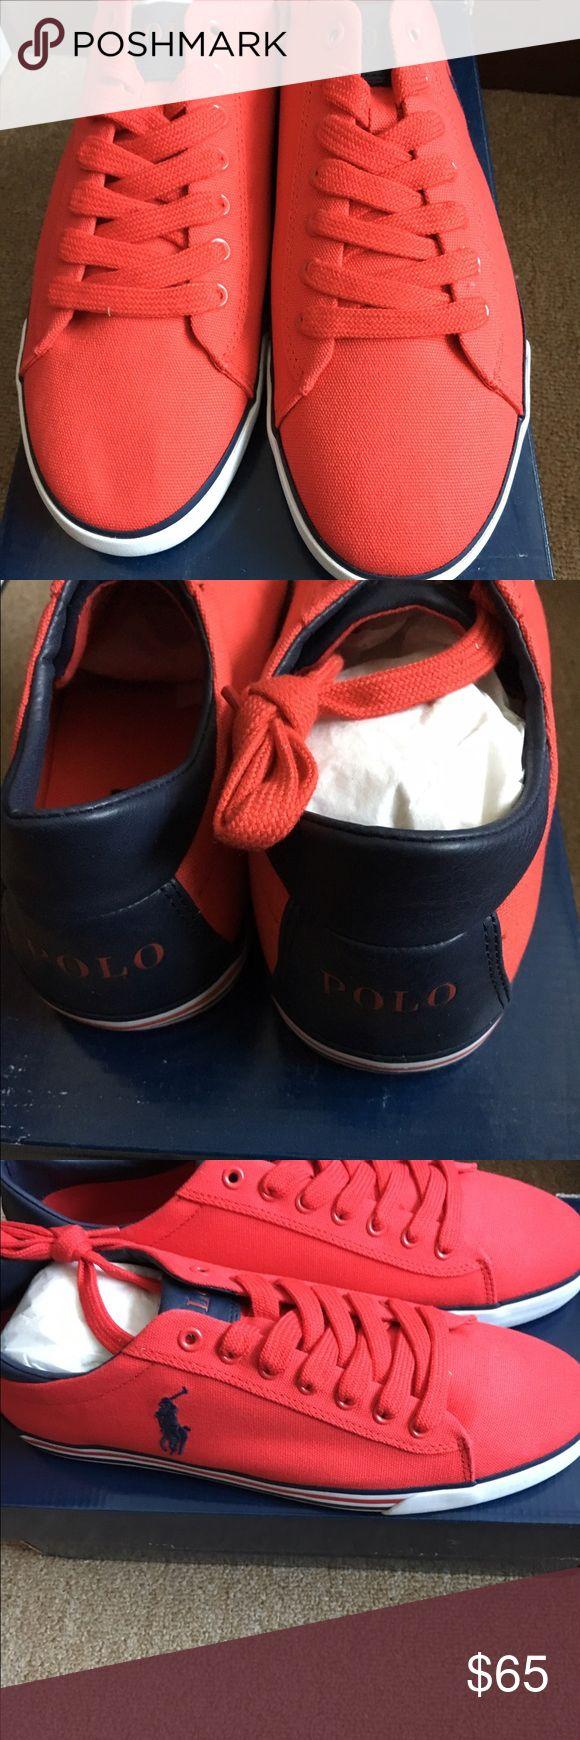 Men's Ralph Lauren Polo Sneakers Brand New Men's Red Polo Ralph Lauren Harvey Canvas Sneakers Polo by Ralph Lauren Shoes Sneakers